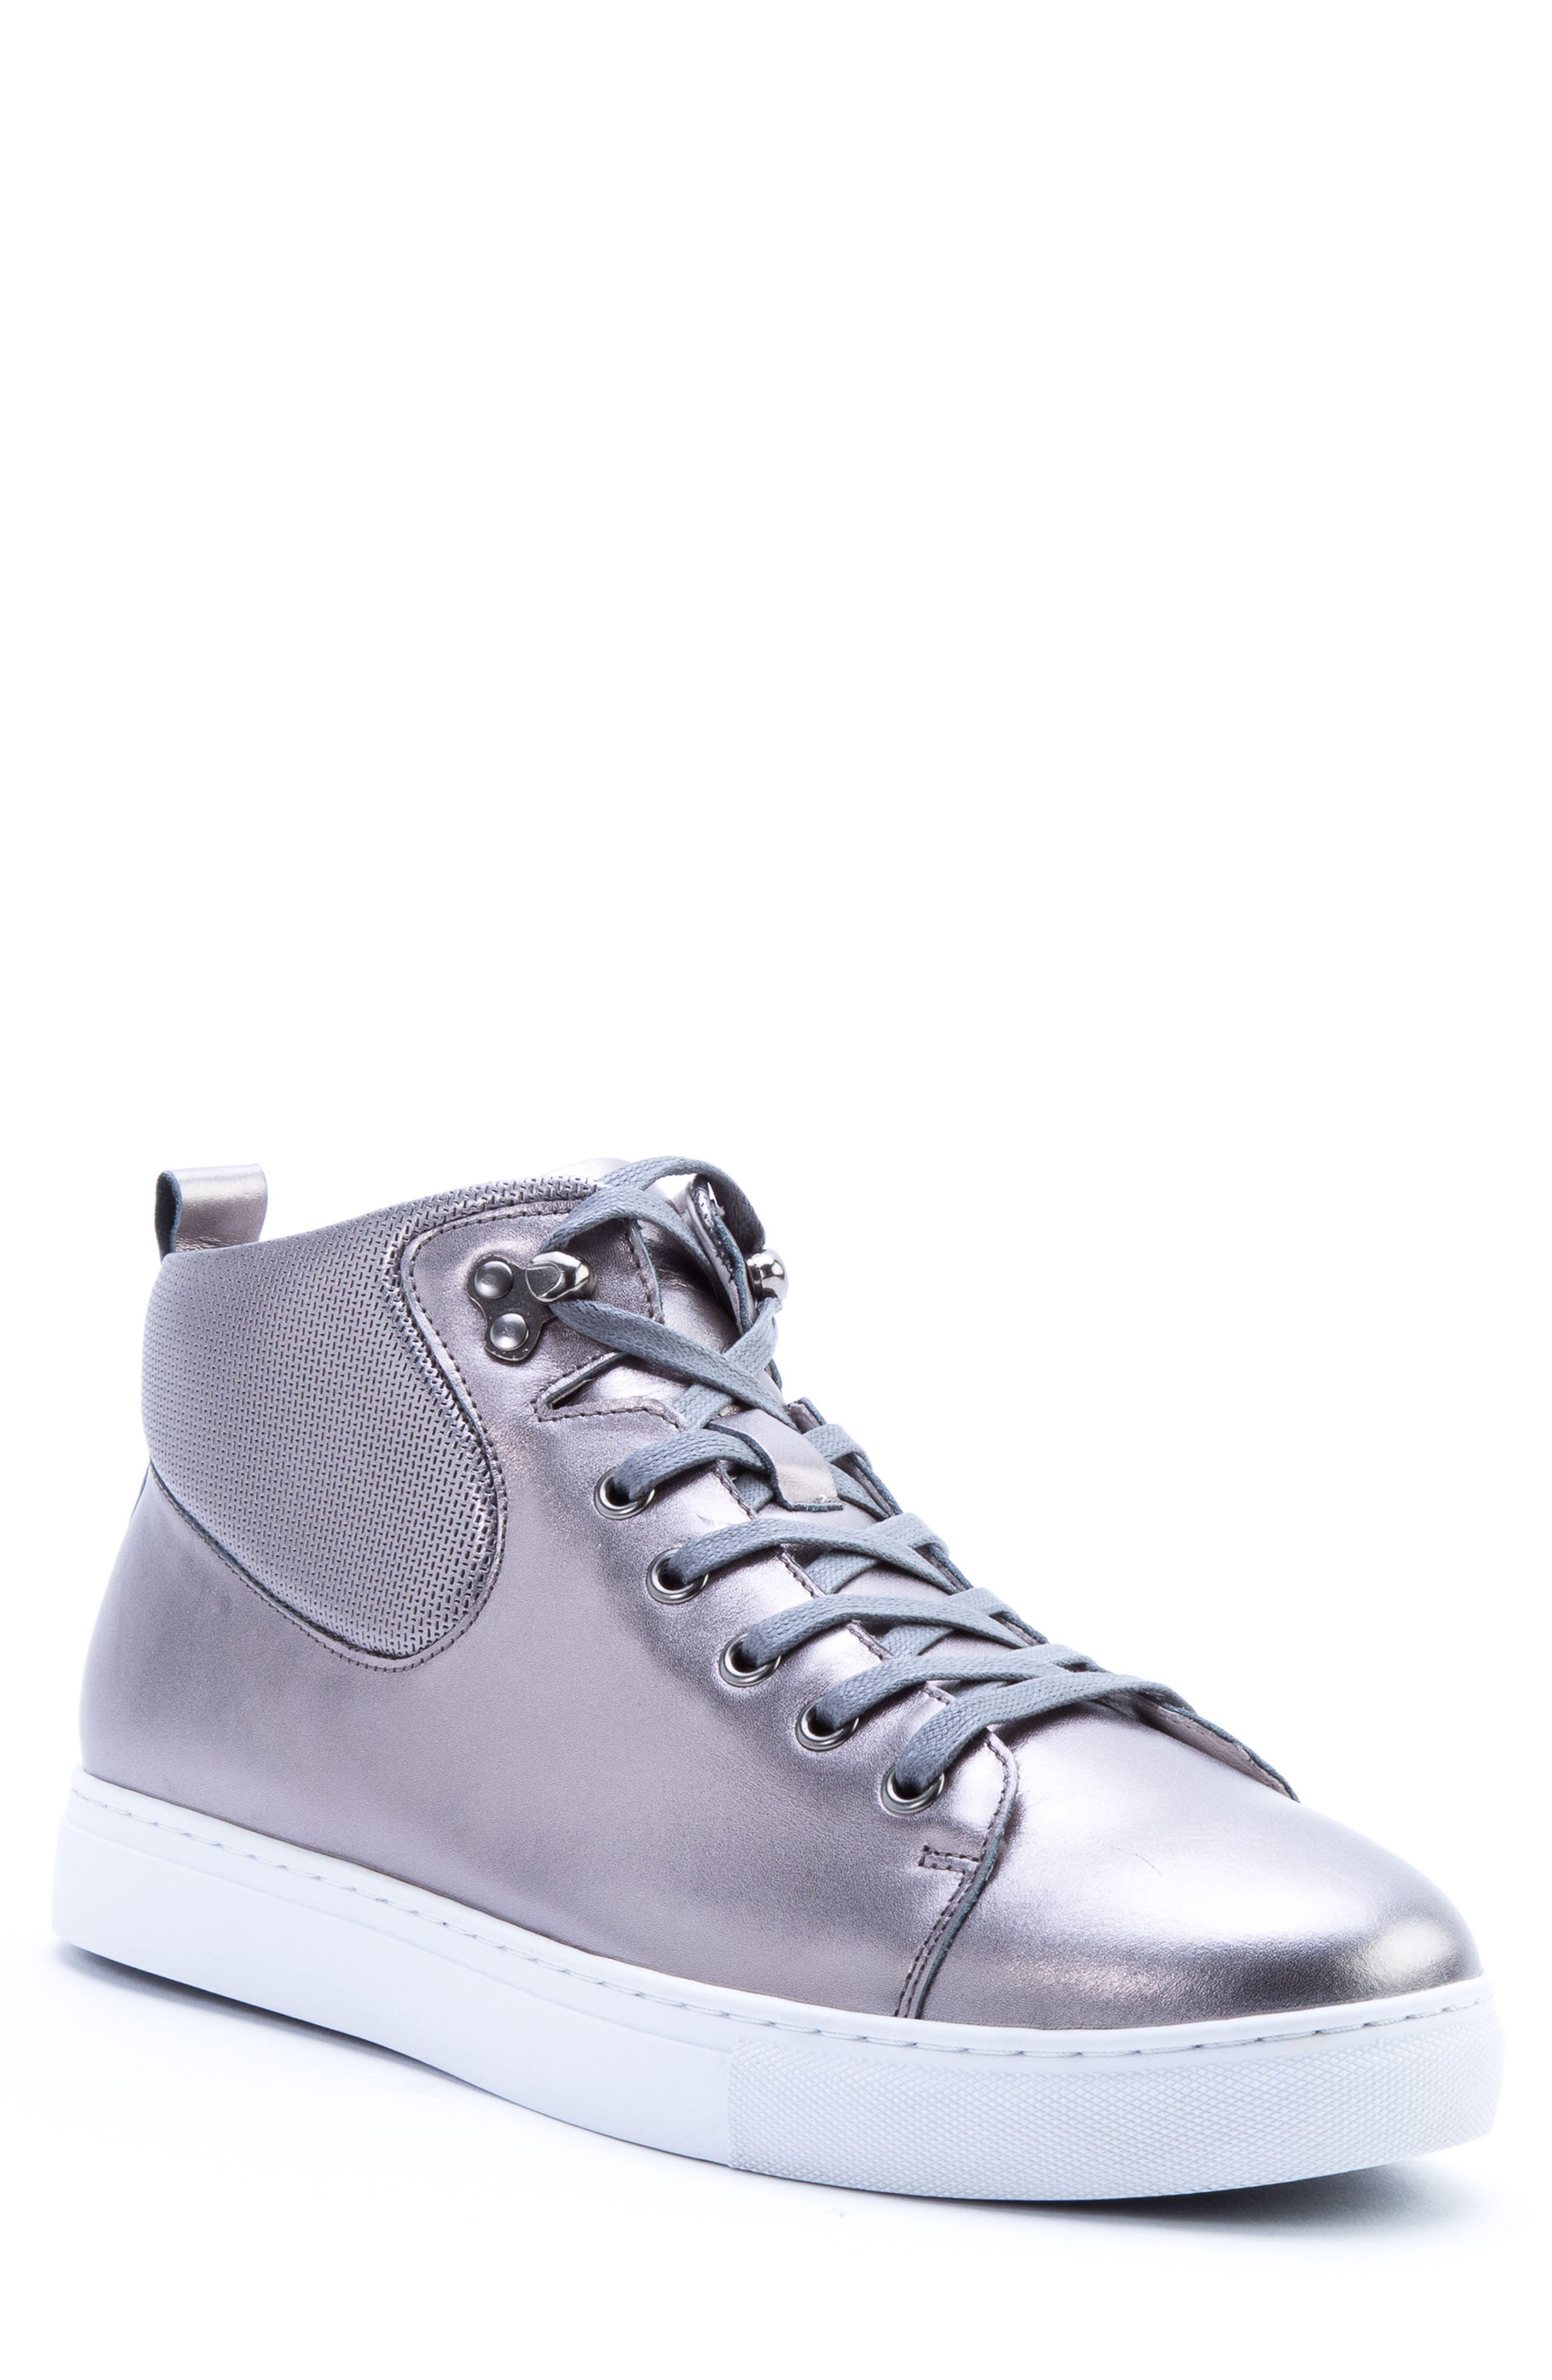 BADGLEY MISCHKA COLLECTION Badgley Mischka Sanders Sneaker, Main, color, GUN METAL LEATHER